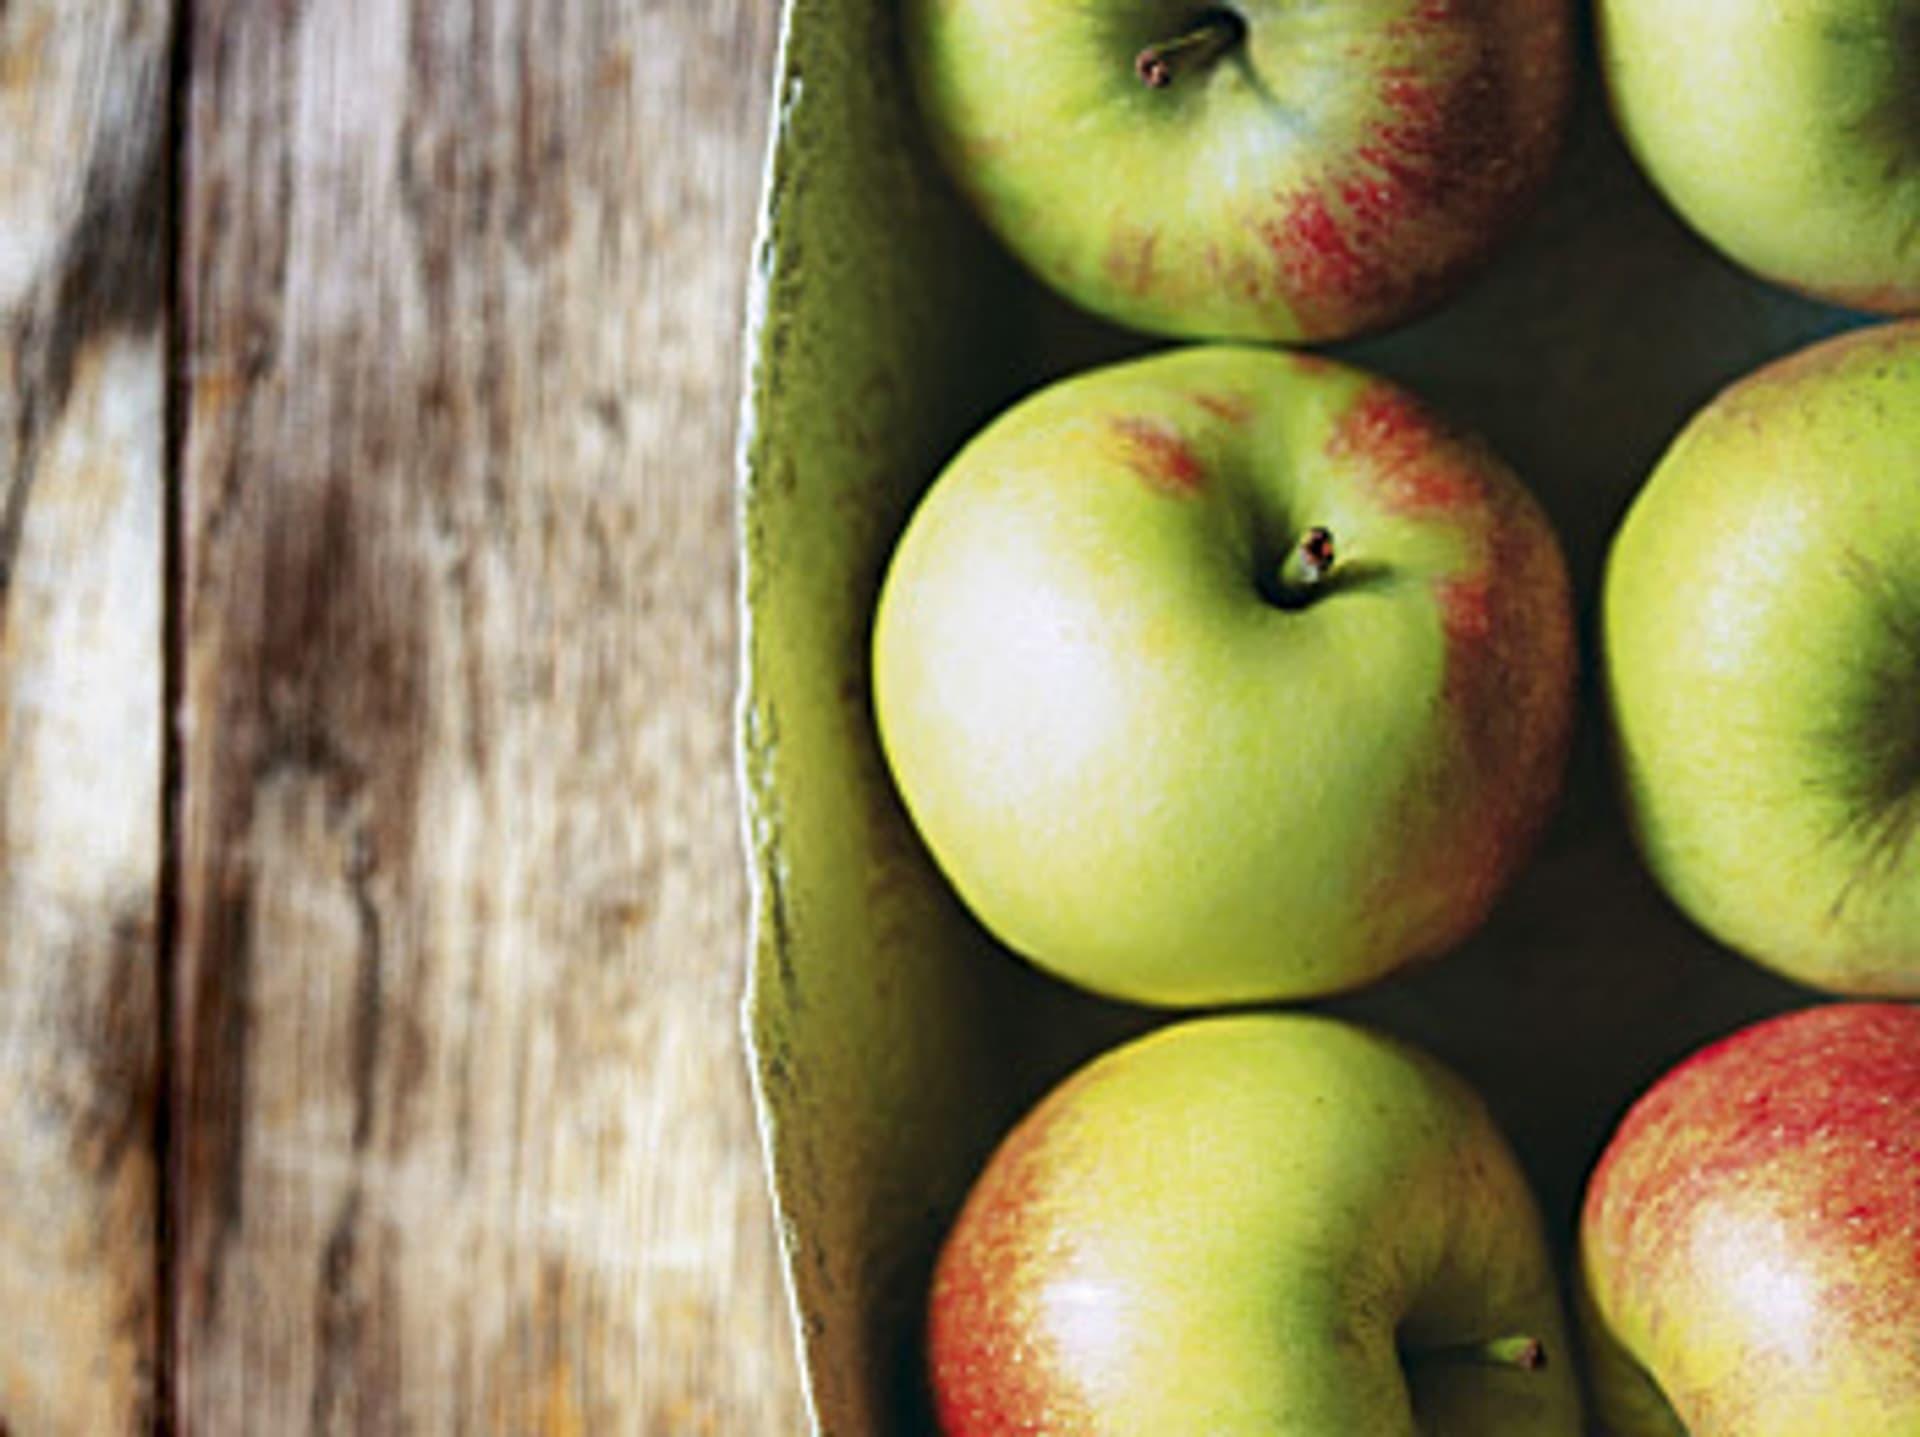 Nahaufnahme von grün-roten Äpfeln, die in einer Pappschachtel liegen.